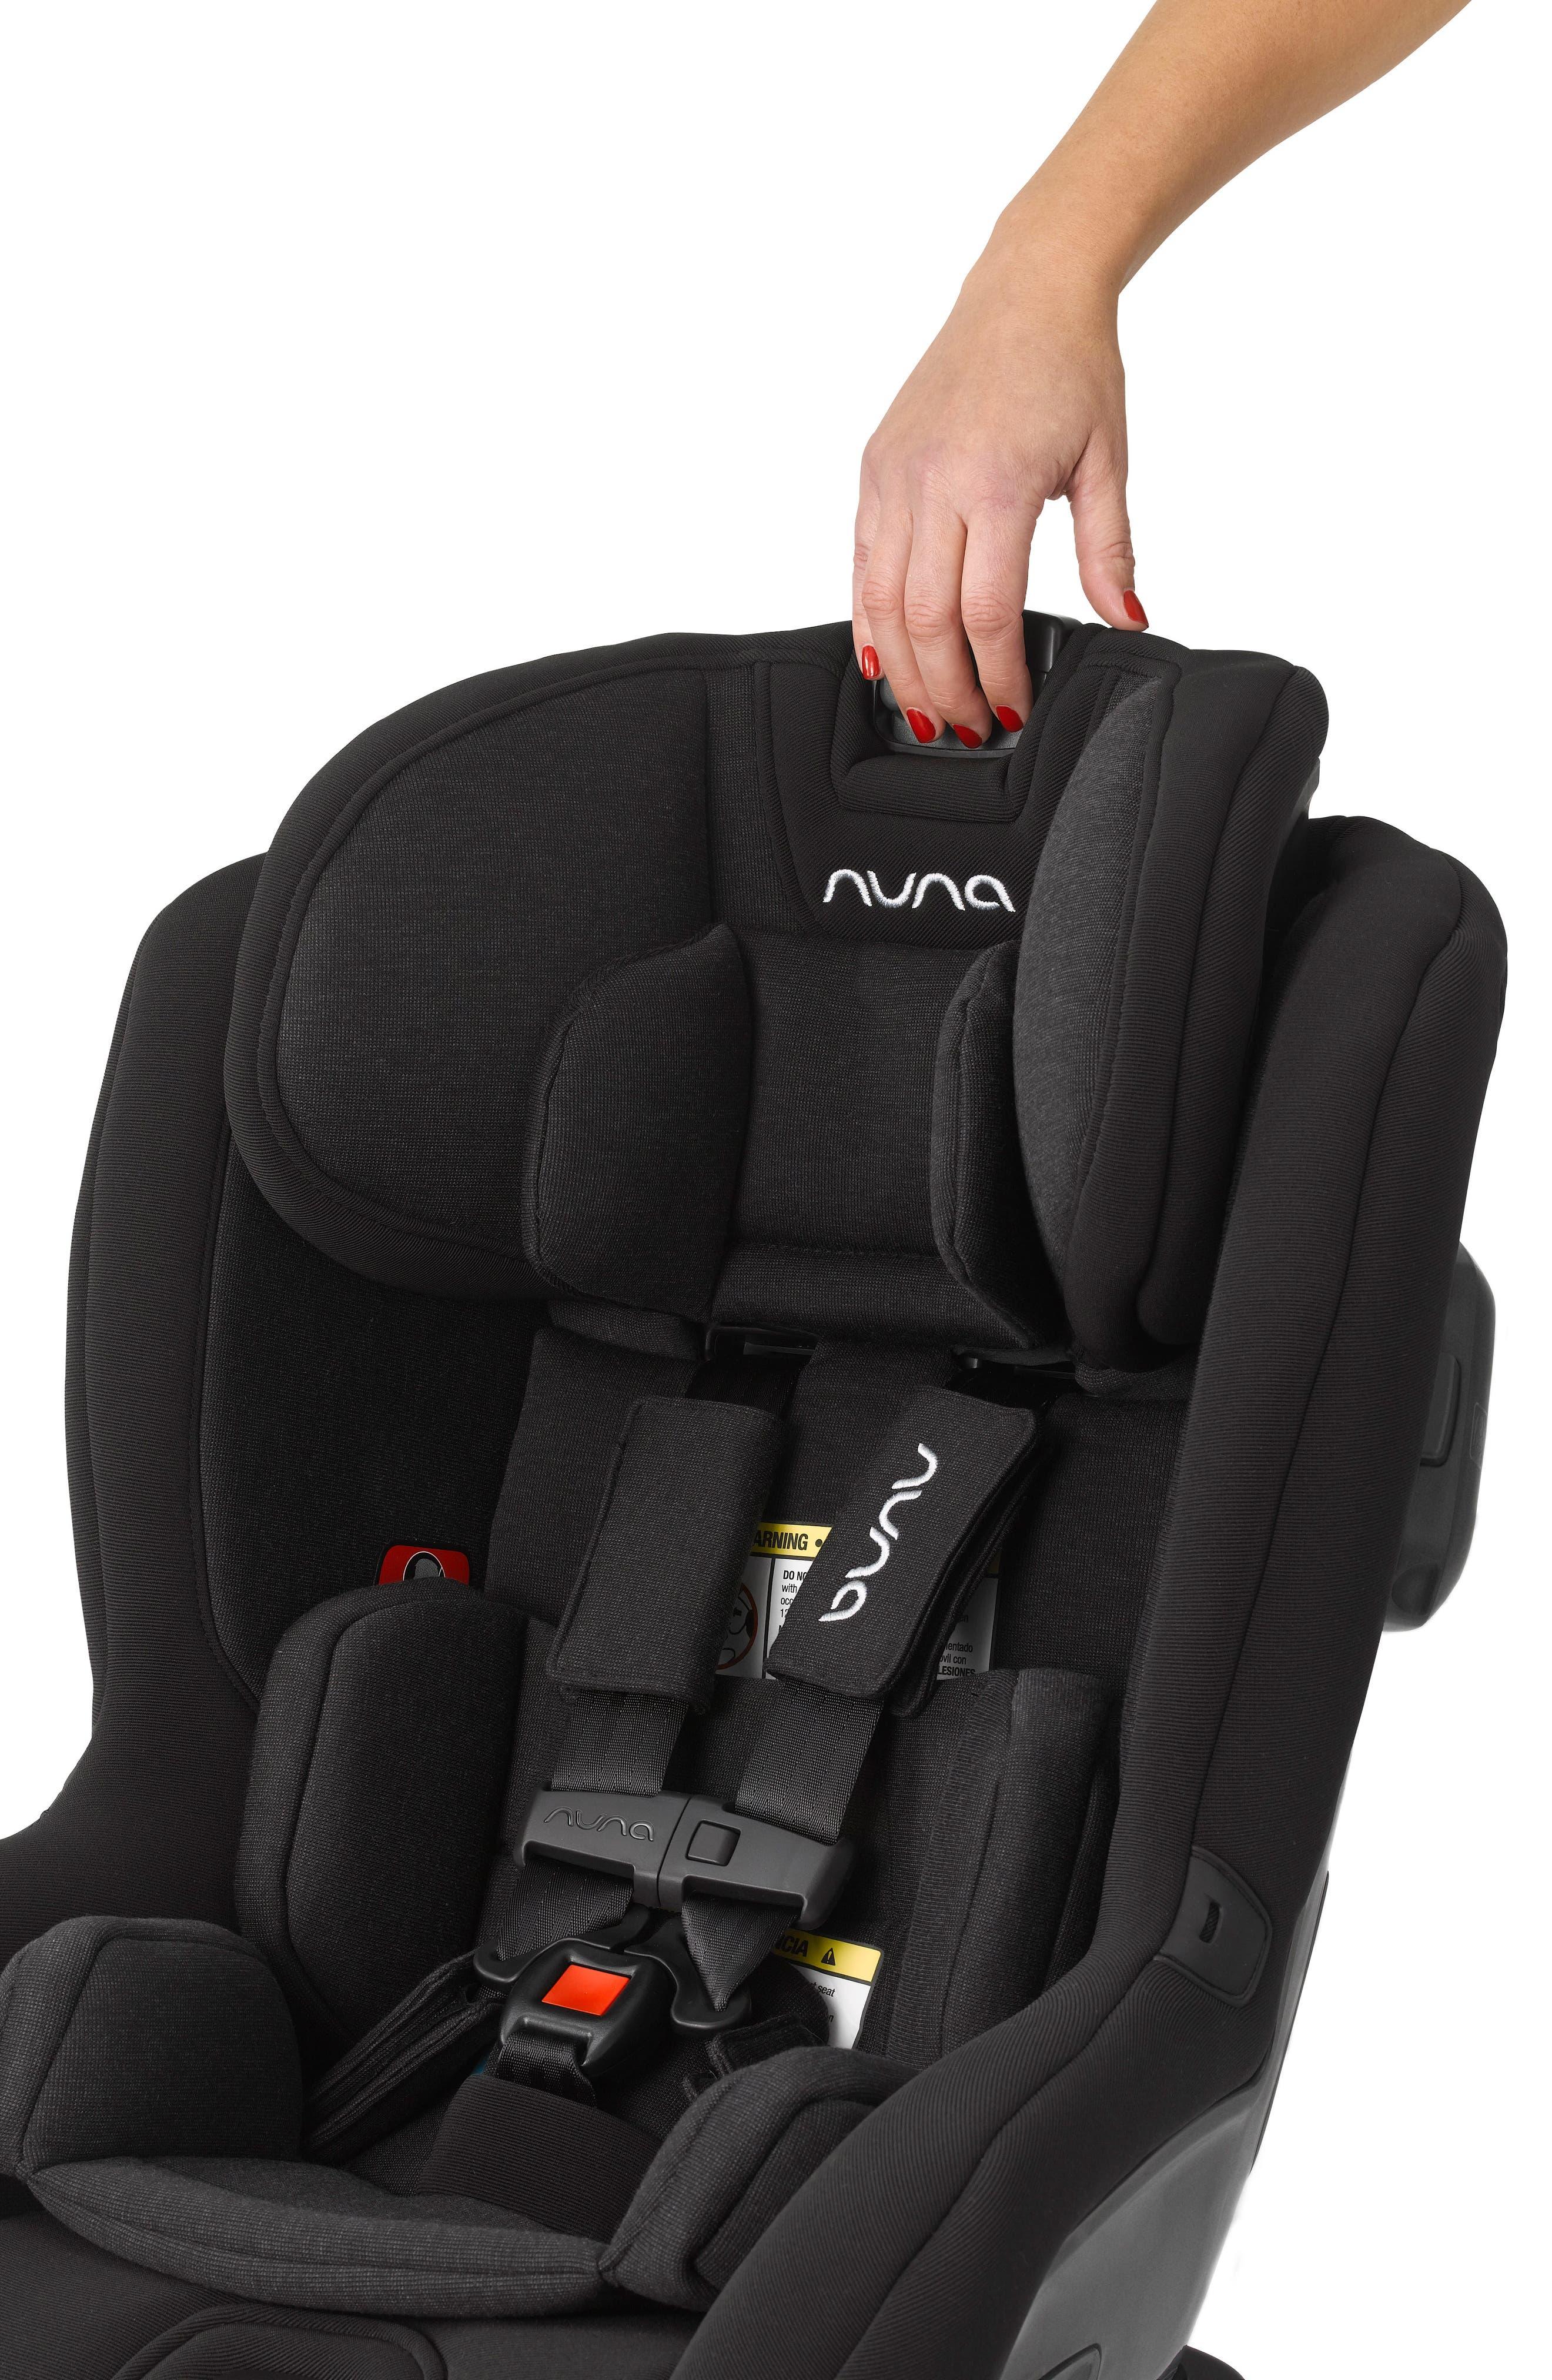 NUNA,                             RAVA<sup>™</sup> Convertible Car Seat,                             Alternate thumbnail 6, color,                             VERONA CAVIAR